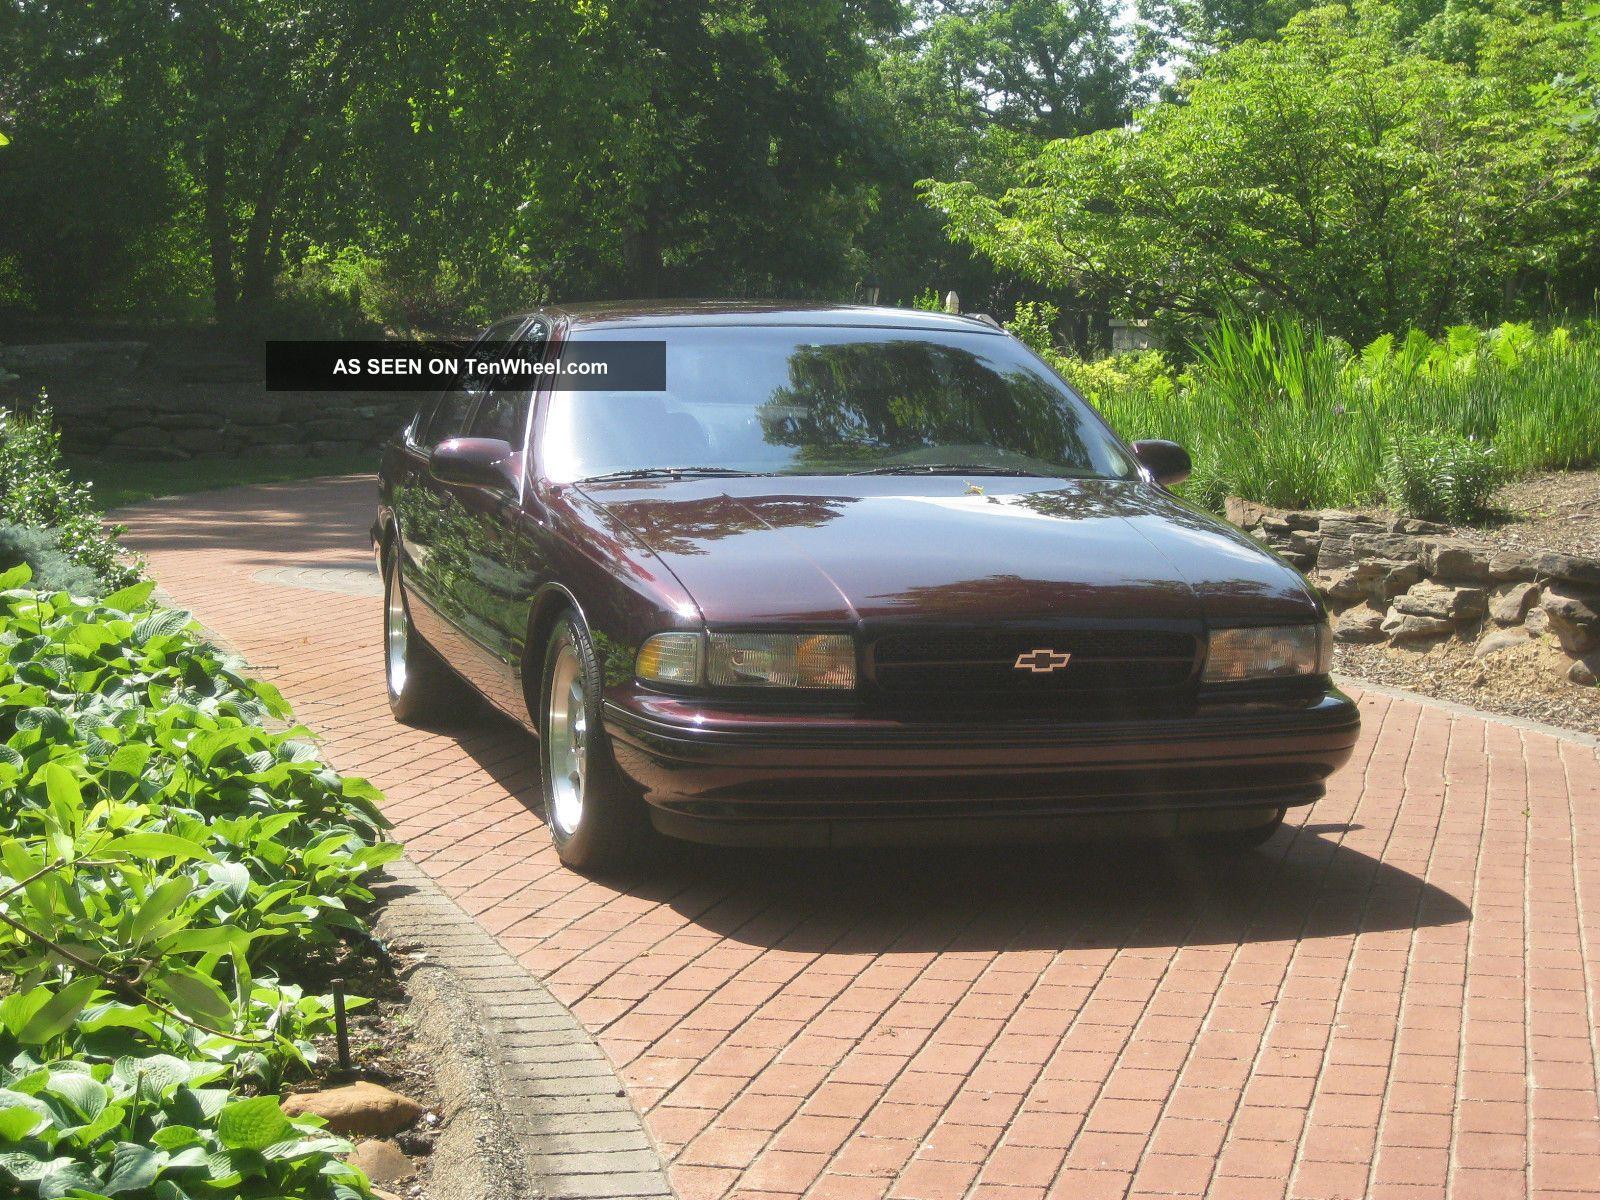 Rare 1996 Impala Ss Impala photo